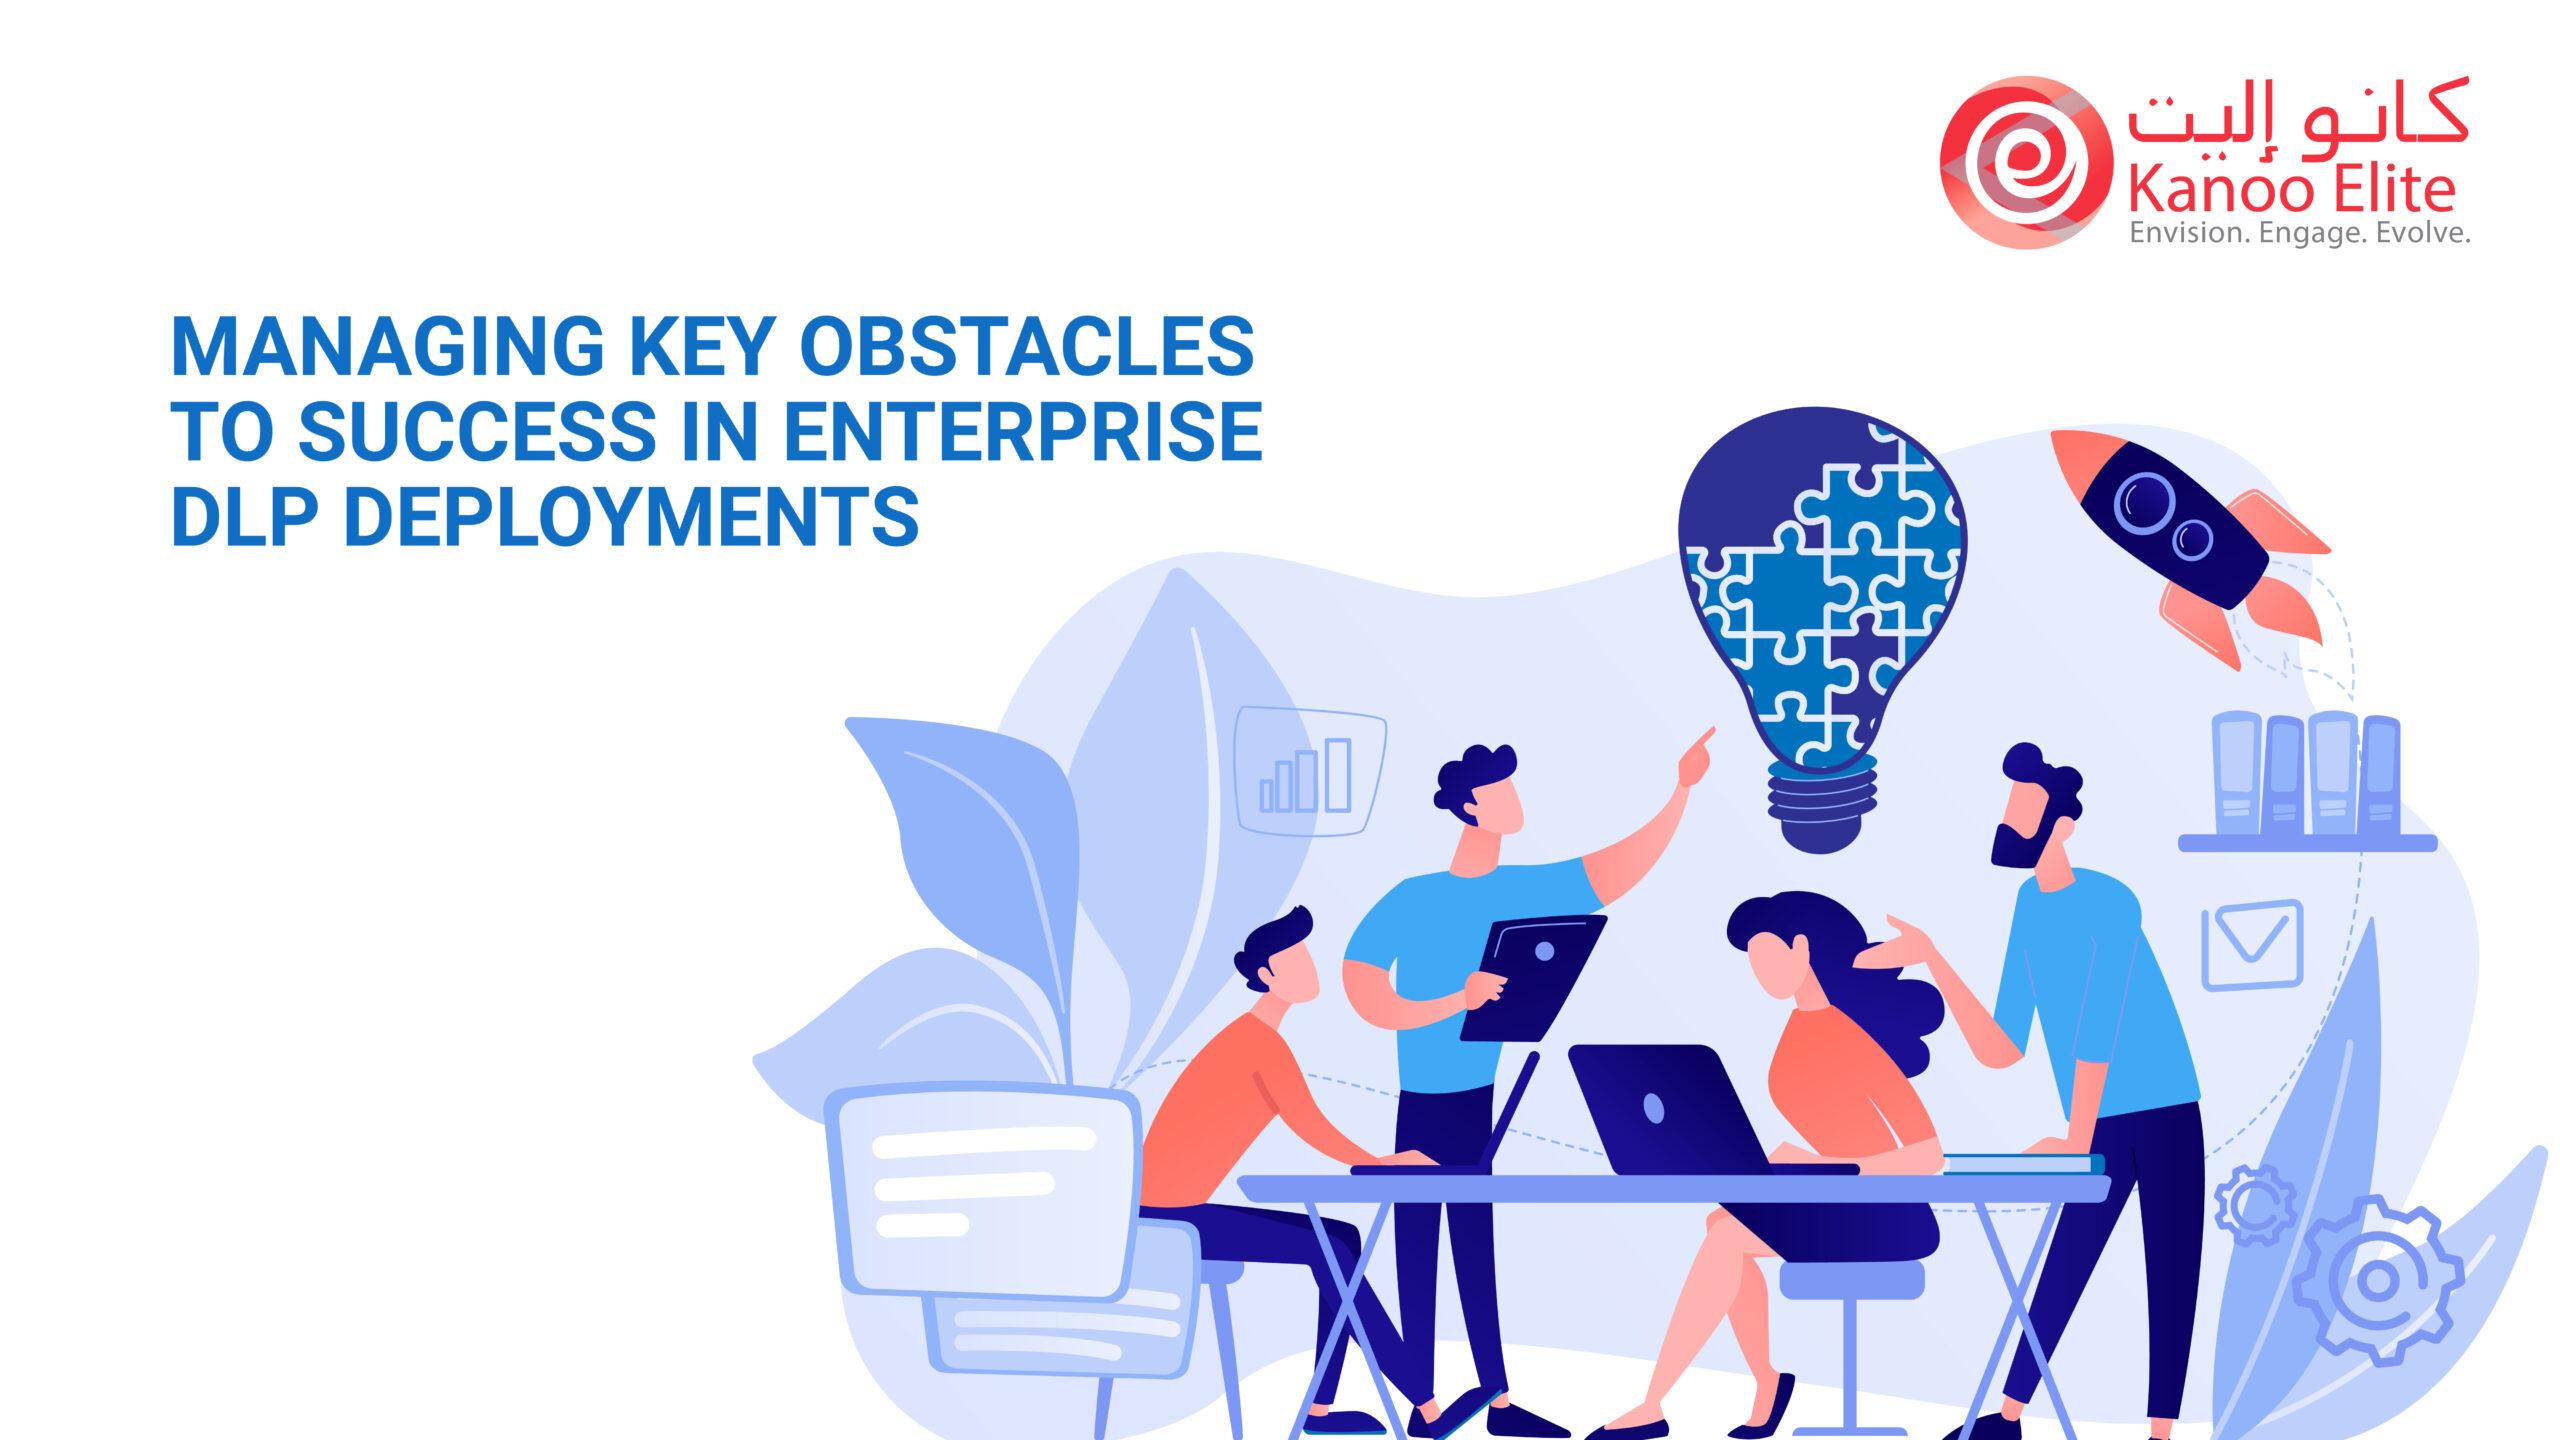 Enterprise DLP solutions